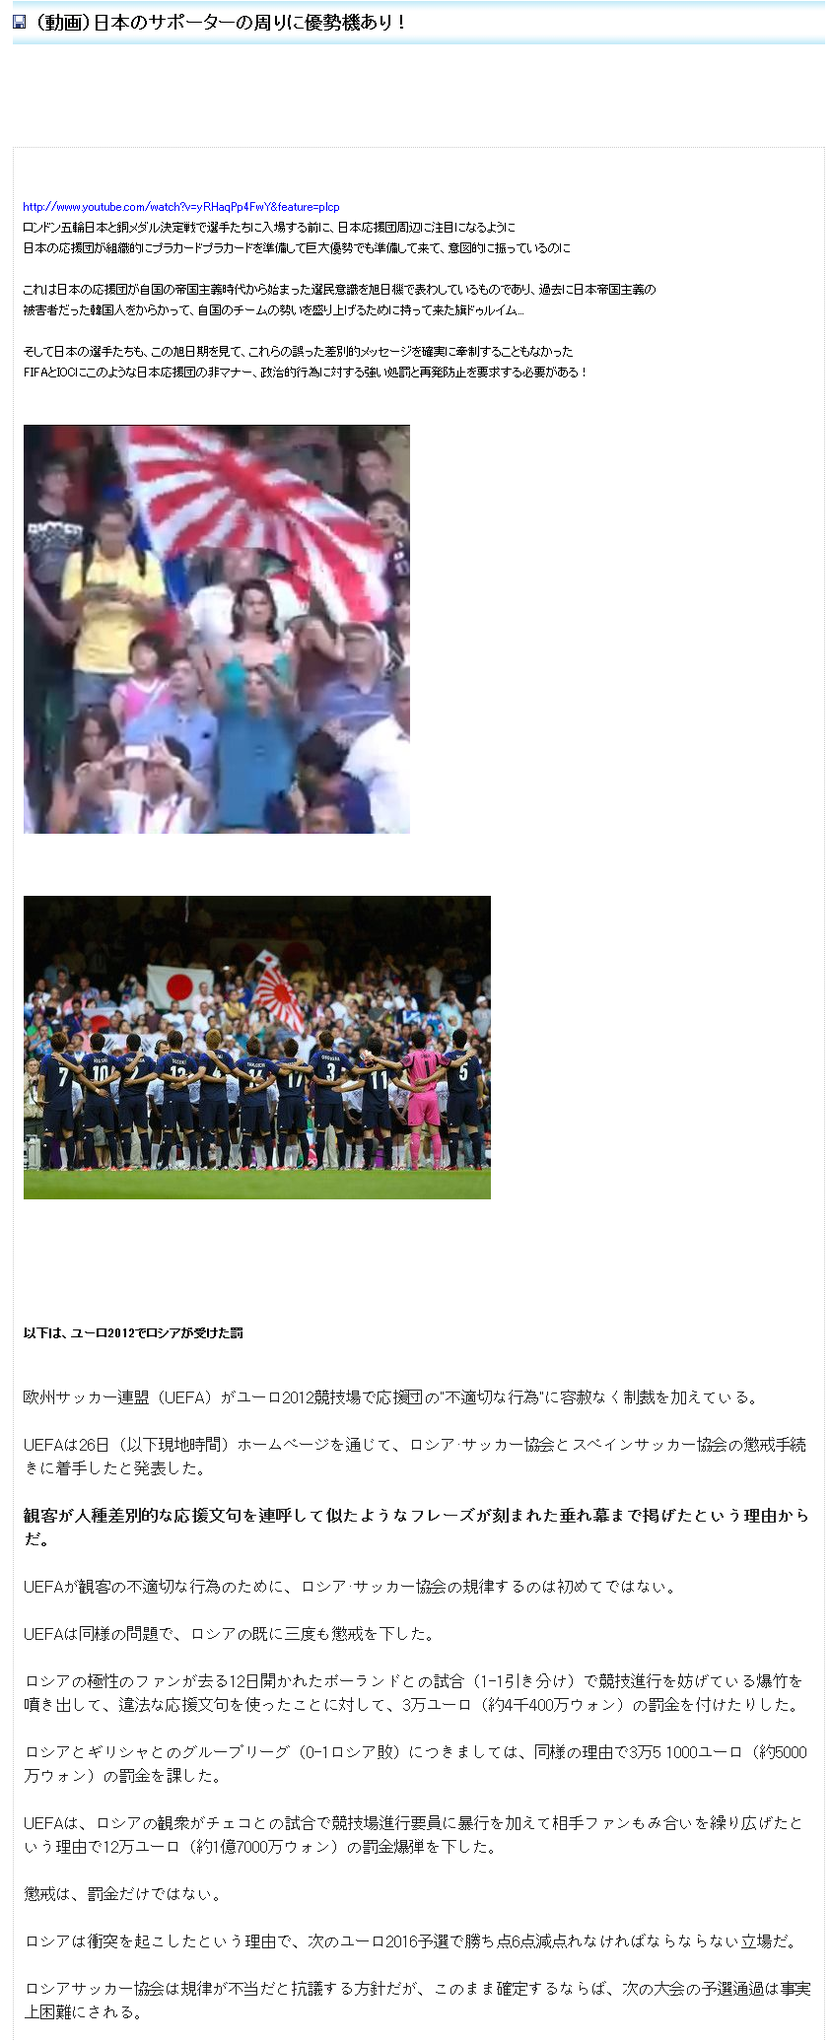 今日のユーモア - (動画)日本のサポーターの周りに優勢機あり!